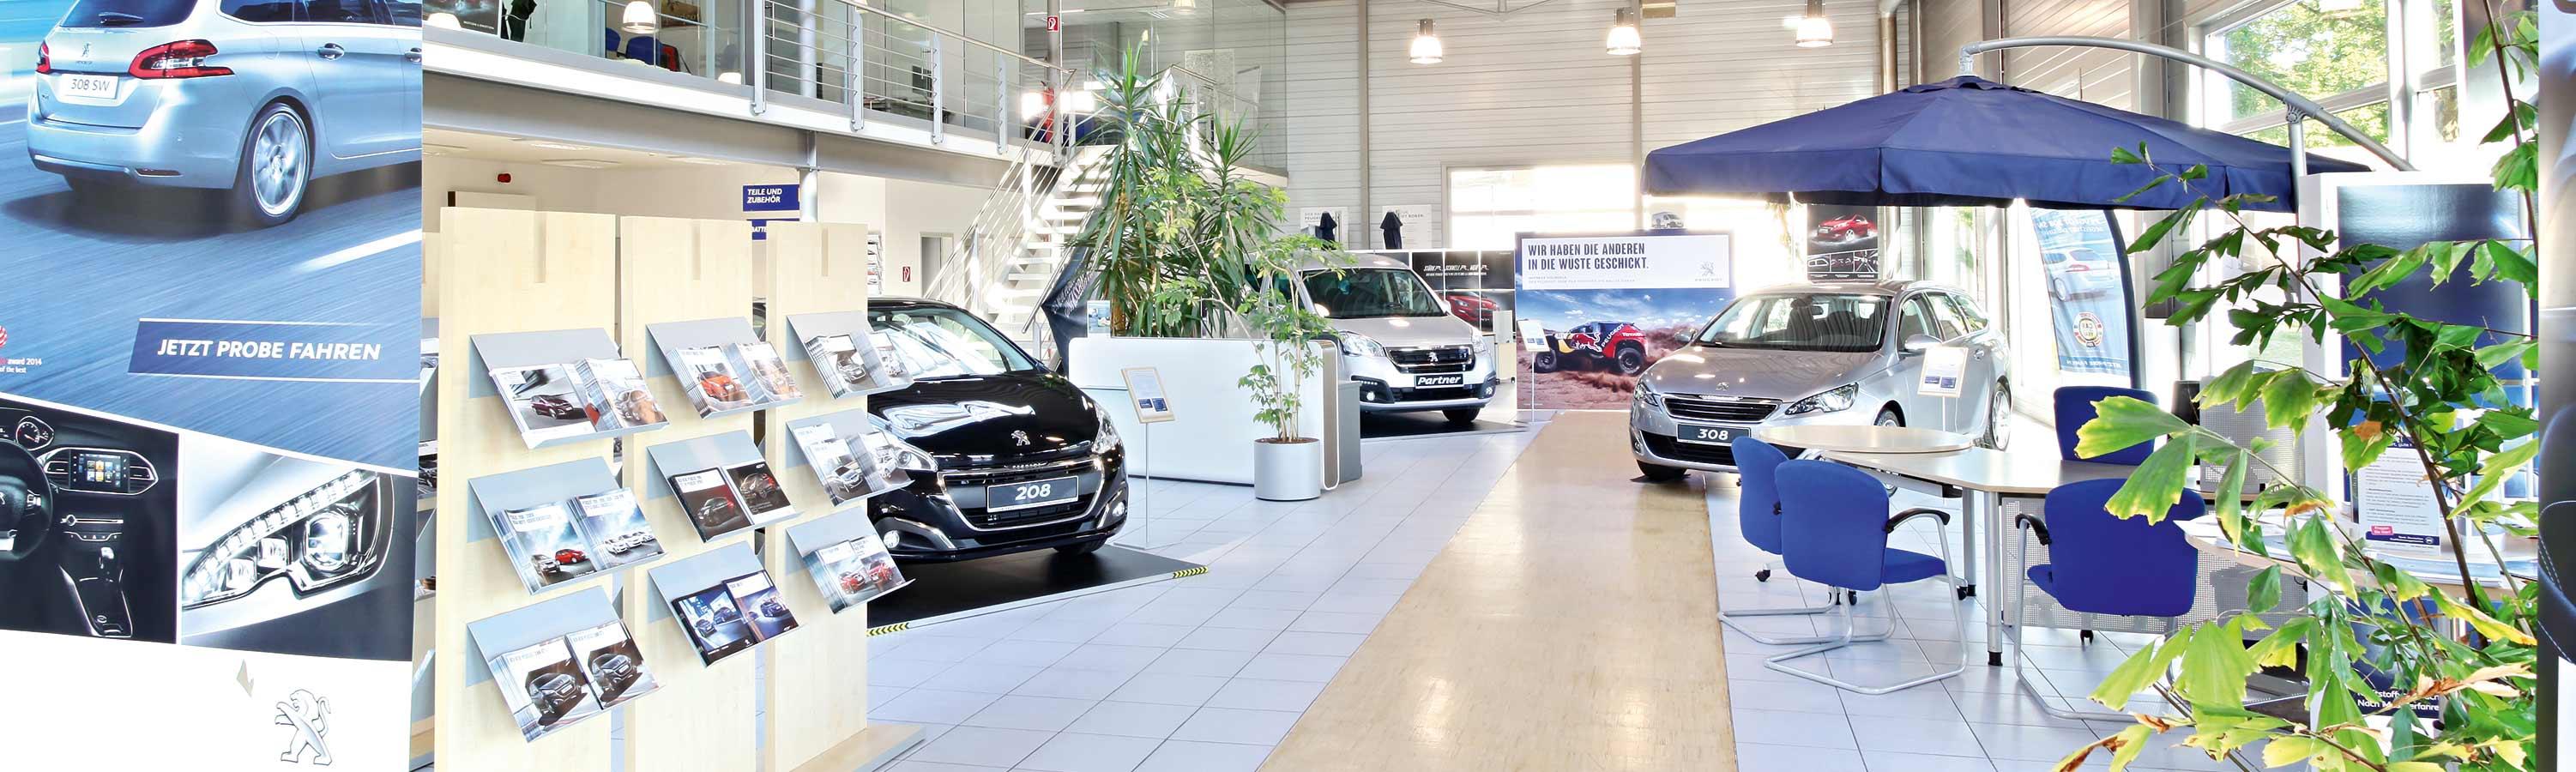 Ausstellungsraum in Fürstenfeldbruck mit Peugeot Neuwagen. Fahrzeugmarkt mit großer Auswahl.